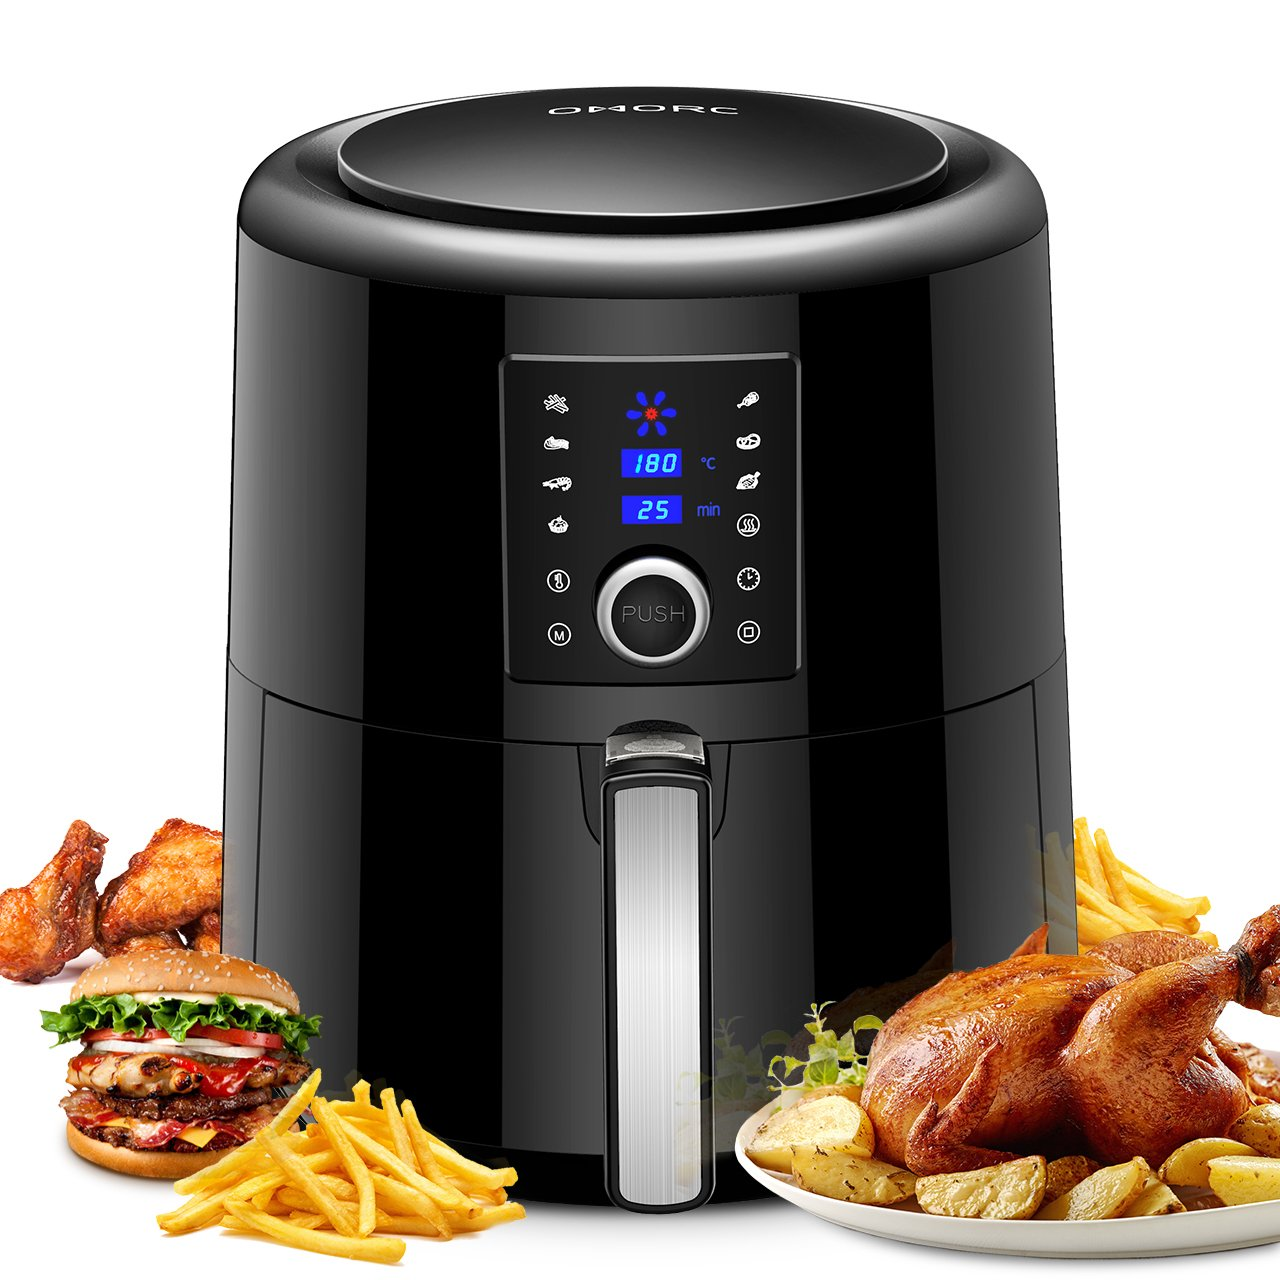 Omorc Pro, friggitrice ad aria olio-grande capacità 5.5l-7funzioni preimpostate-2ore isolamento termico-ricetta, Airfryer XXL senza BPA per famiglia, festa, Natale, nero